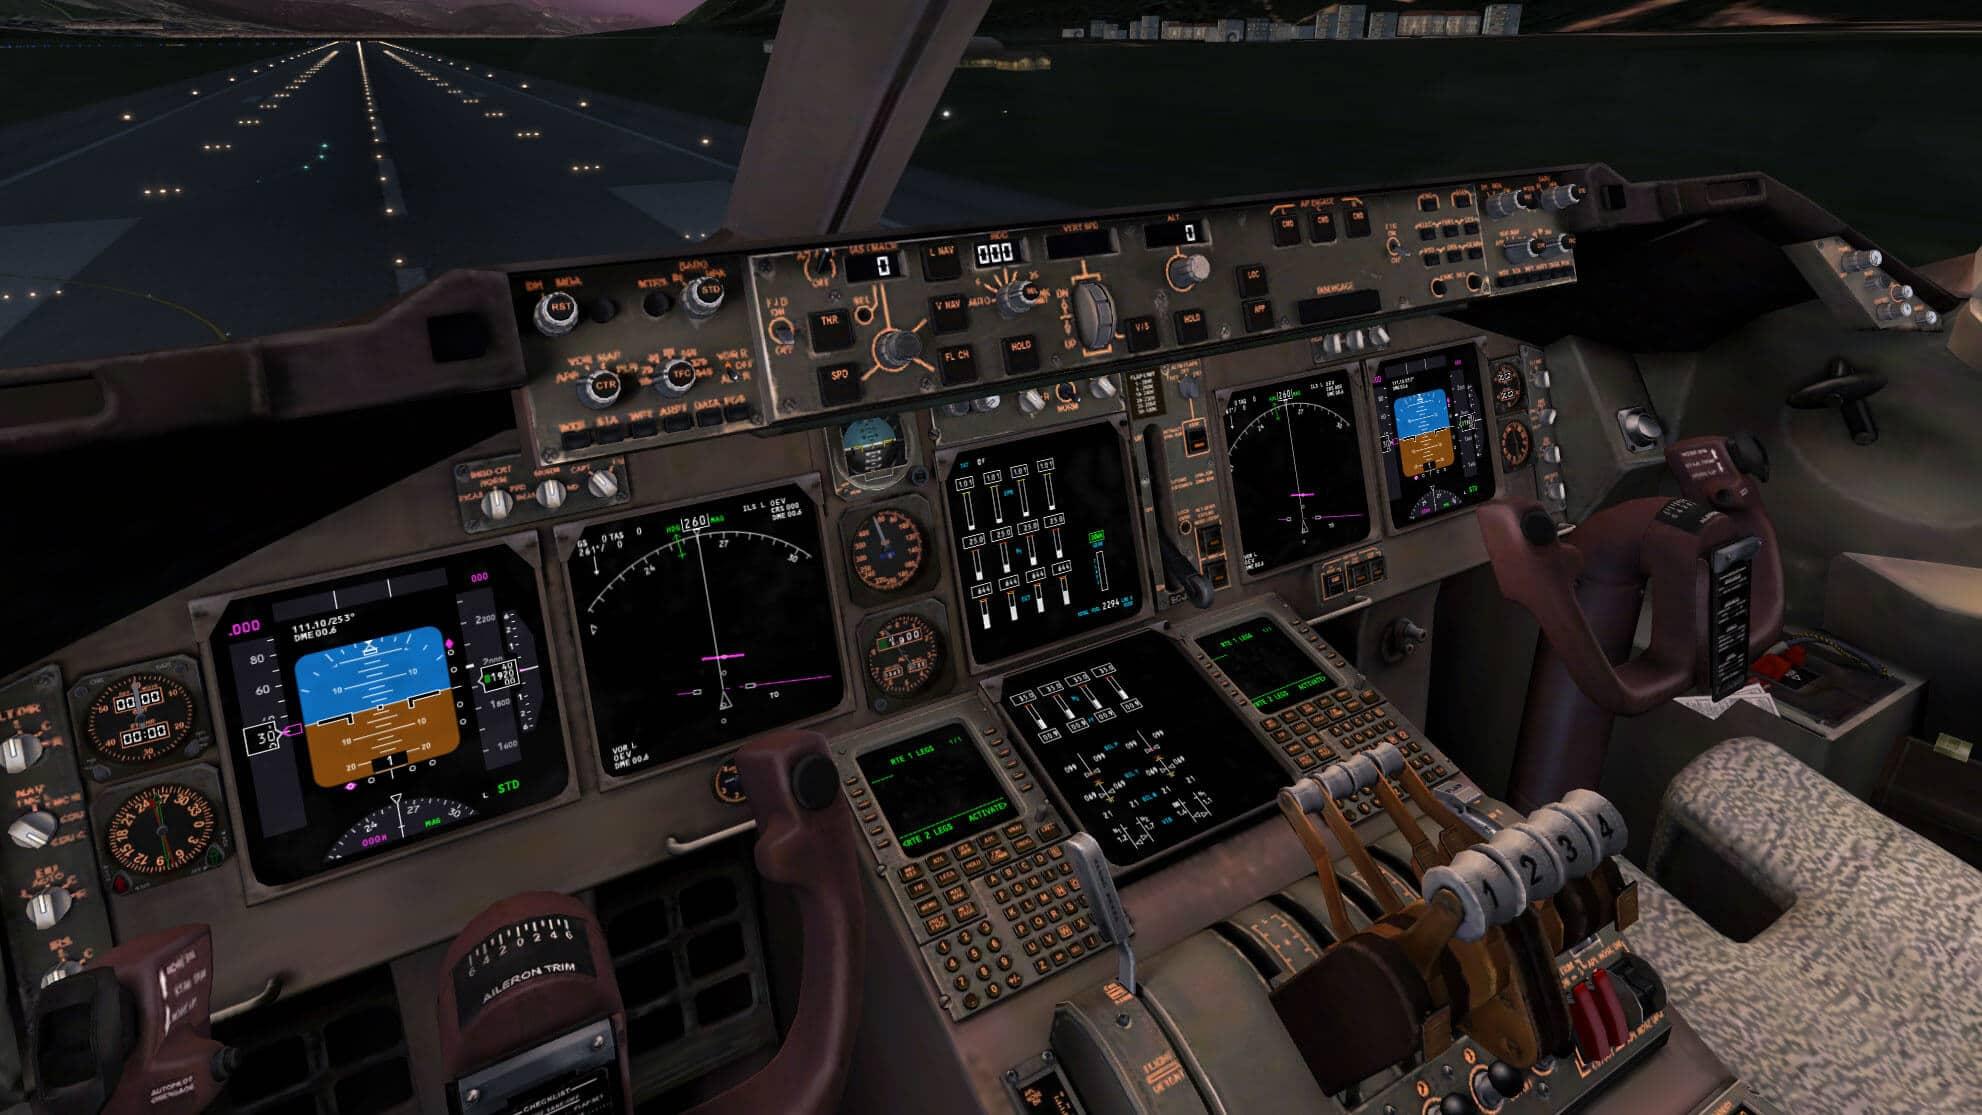 I migliori simulatori di volo per iPad e iPhone - WizBlog